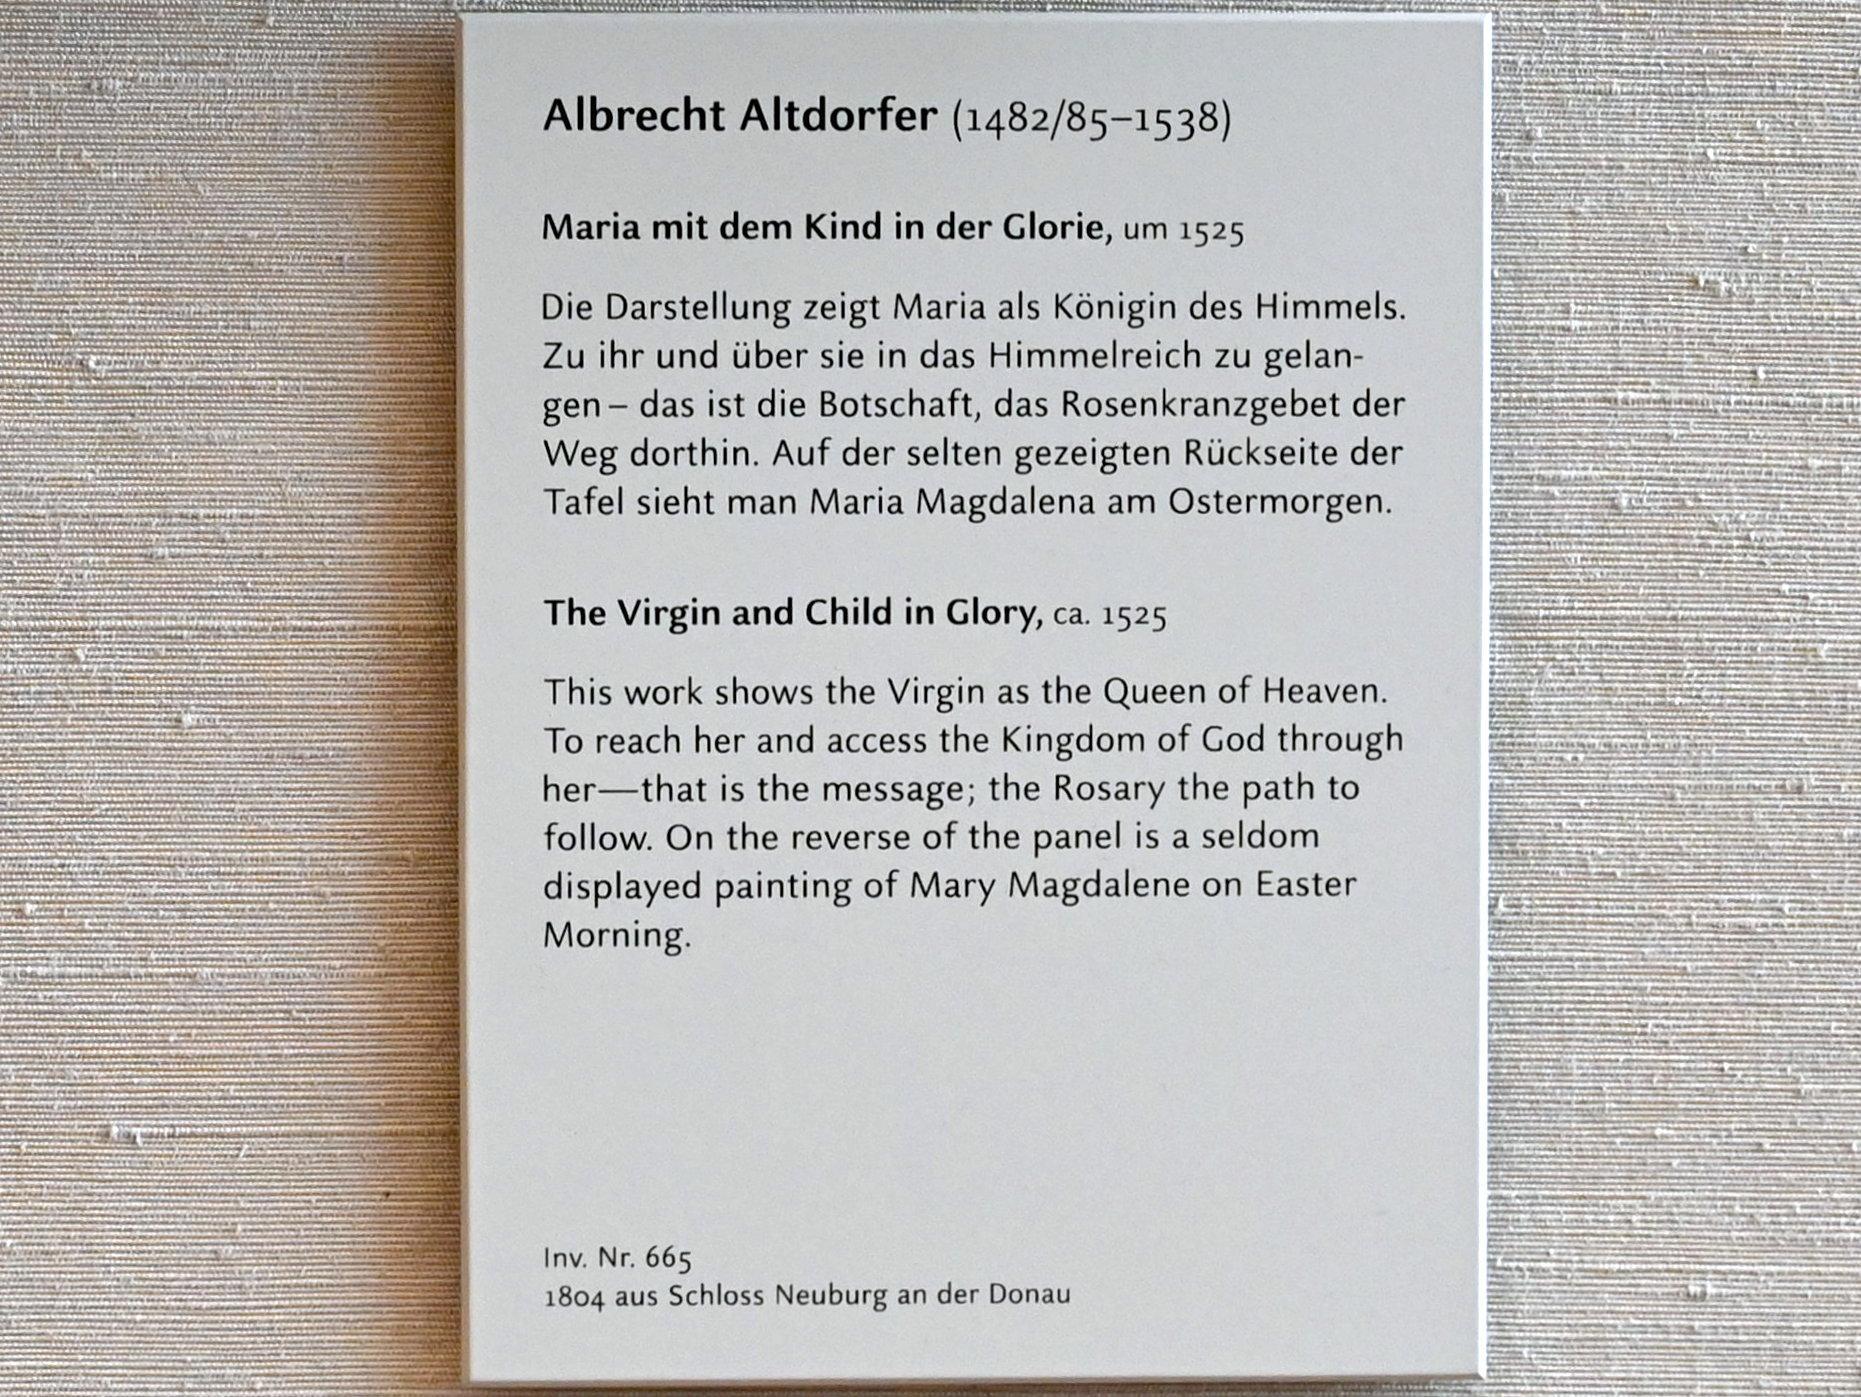 Albrecht Altdorfer: Maria mit dem Kind in der Gloria, Um 1525